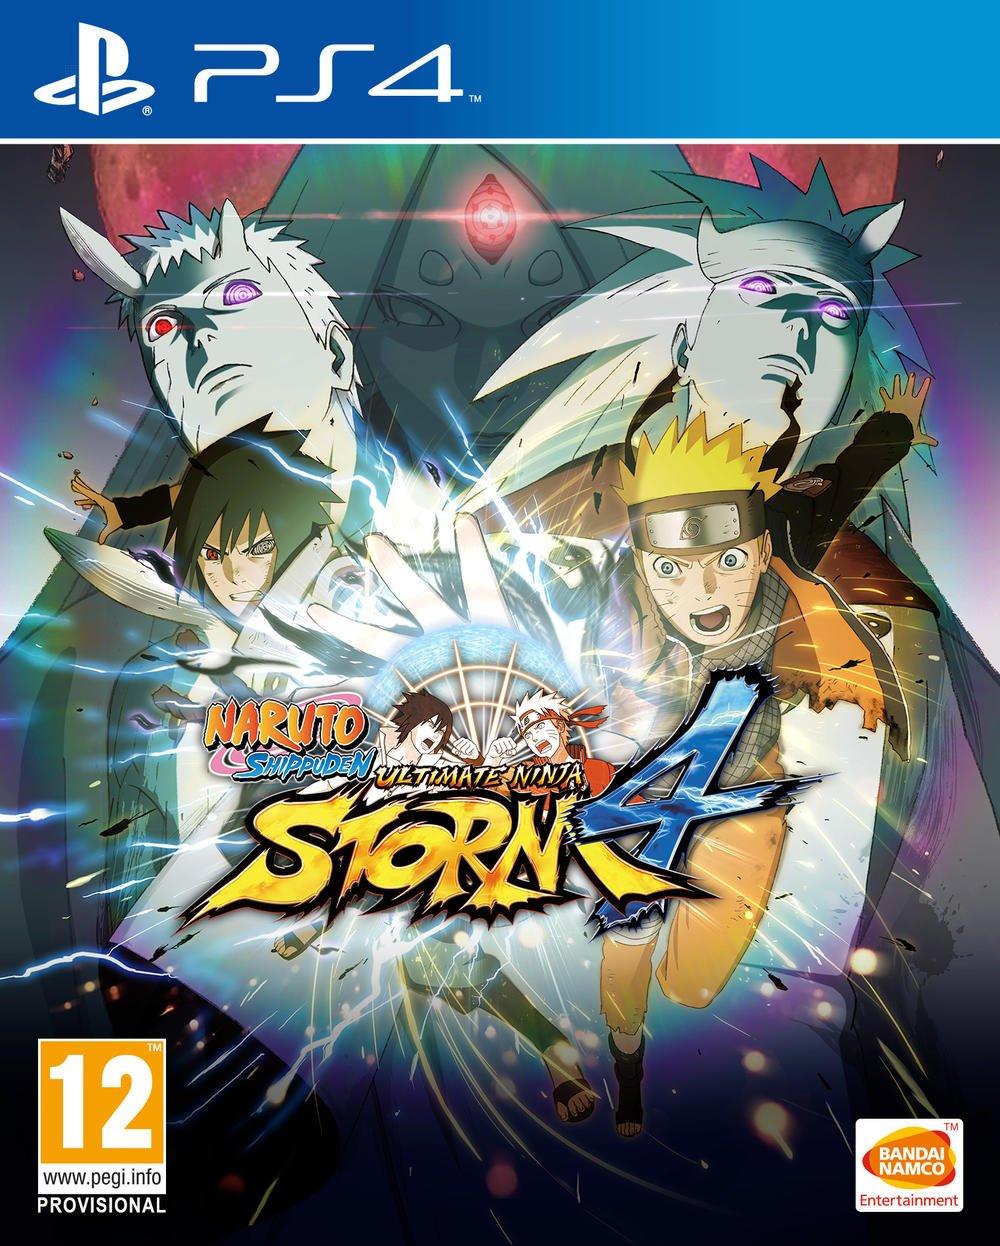 Naruto Shippuden : Ultimate Ninja Storm 4 [PS4]   Bandai Namco Entertainment